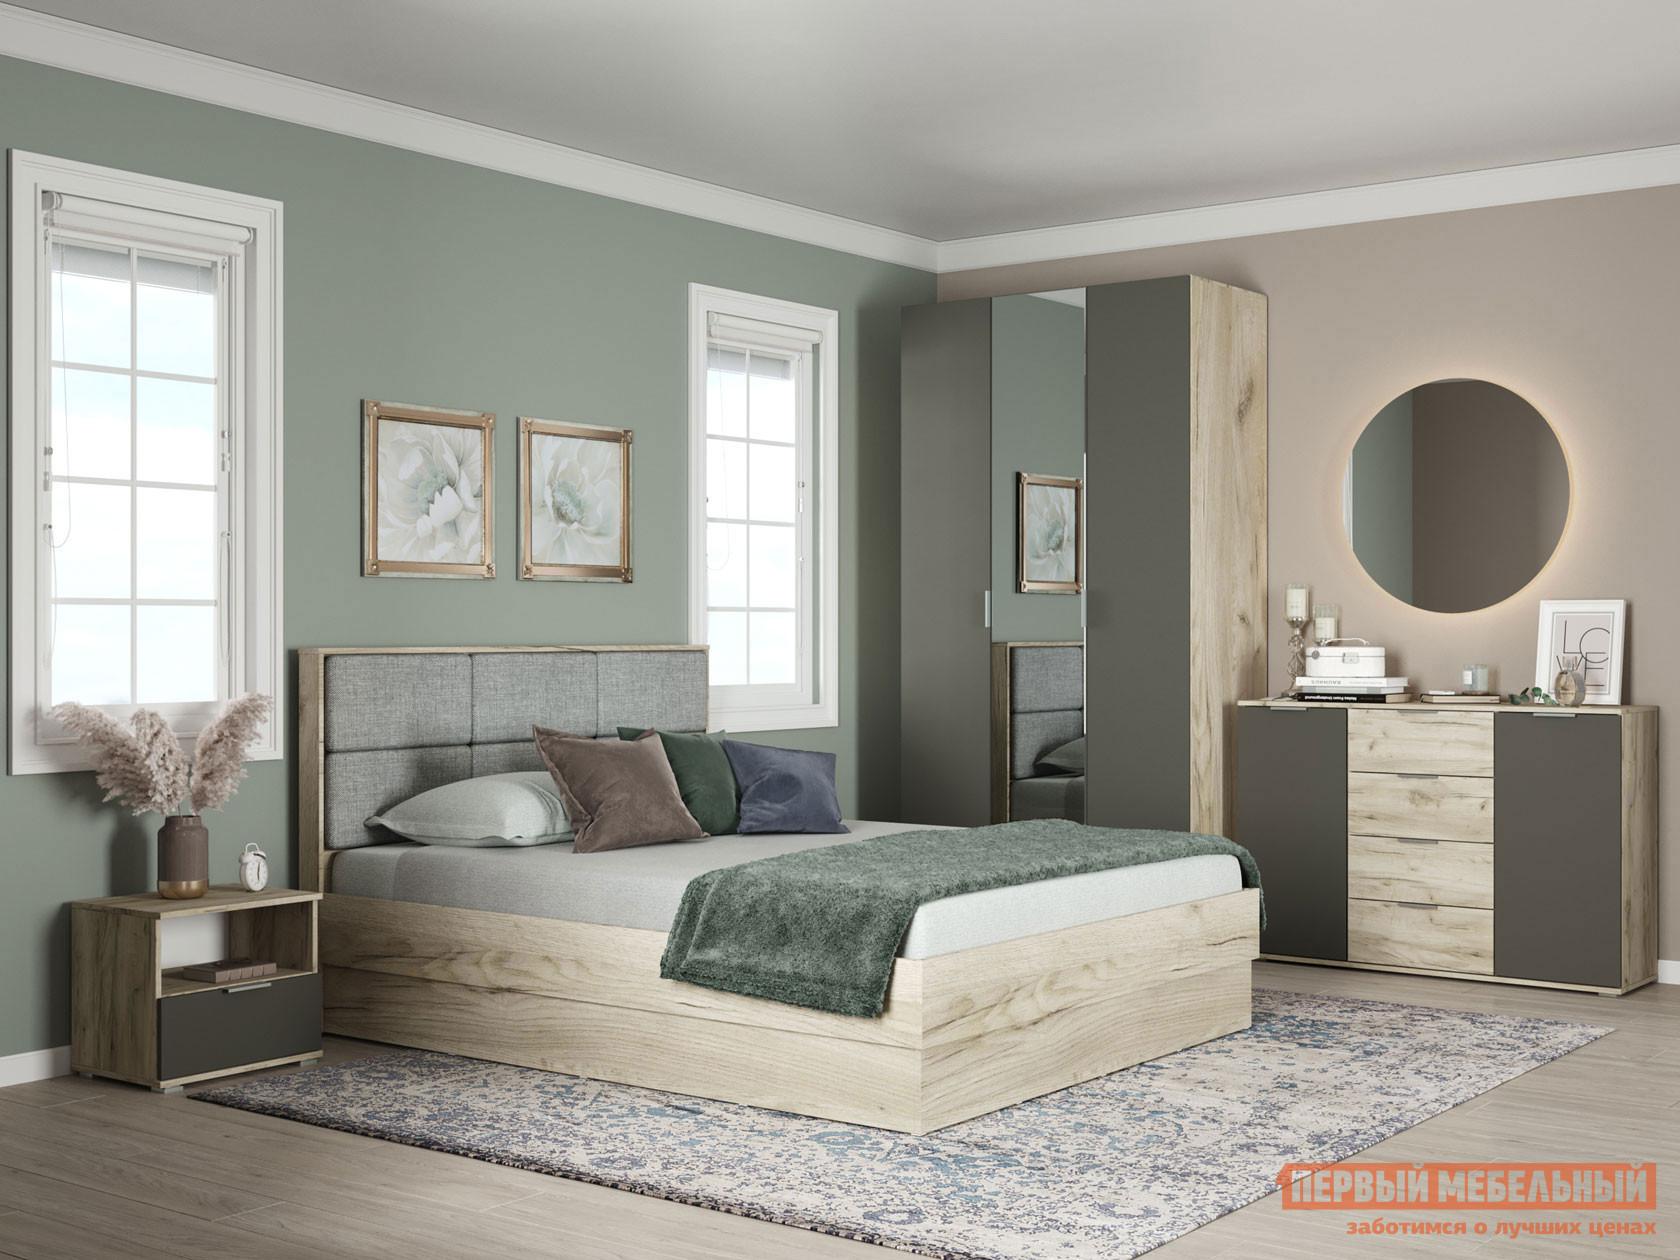 Спальный гарнитур НК-Мебель Спальный гарнитур Венеция 2 спальный гарнитур нк мебель комплект мебели для спальни тиберия к2